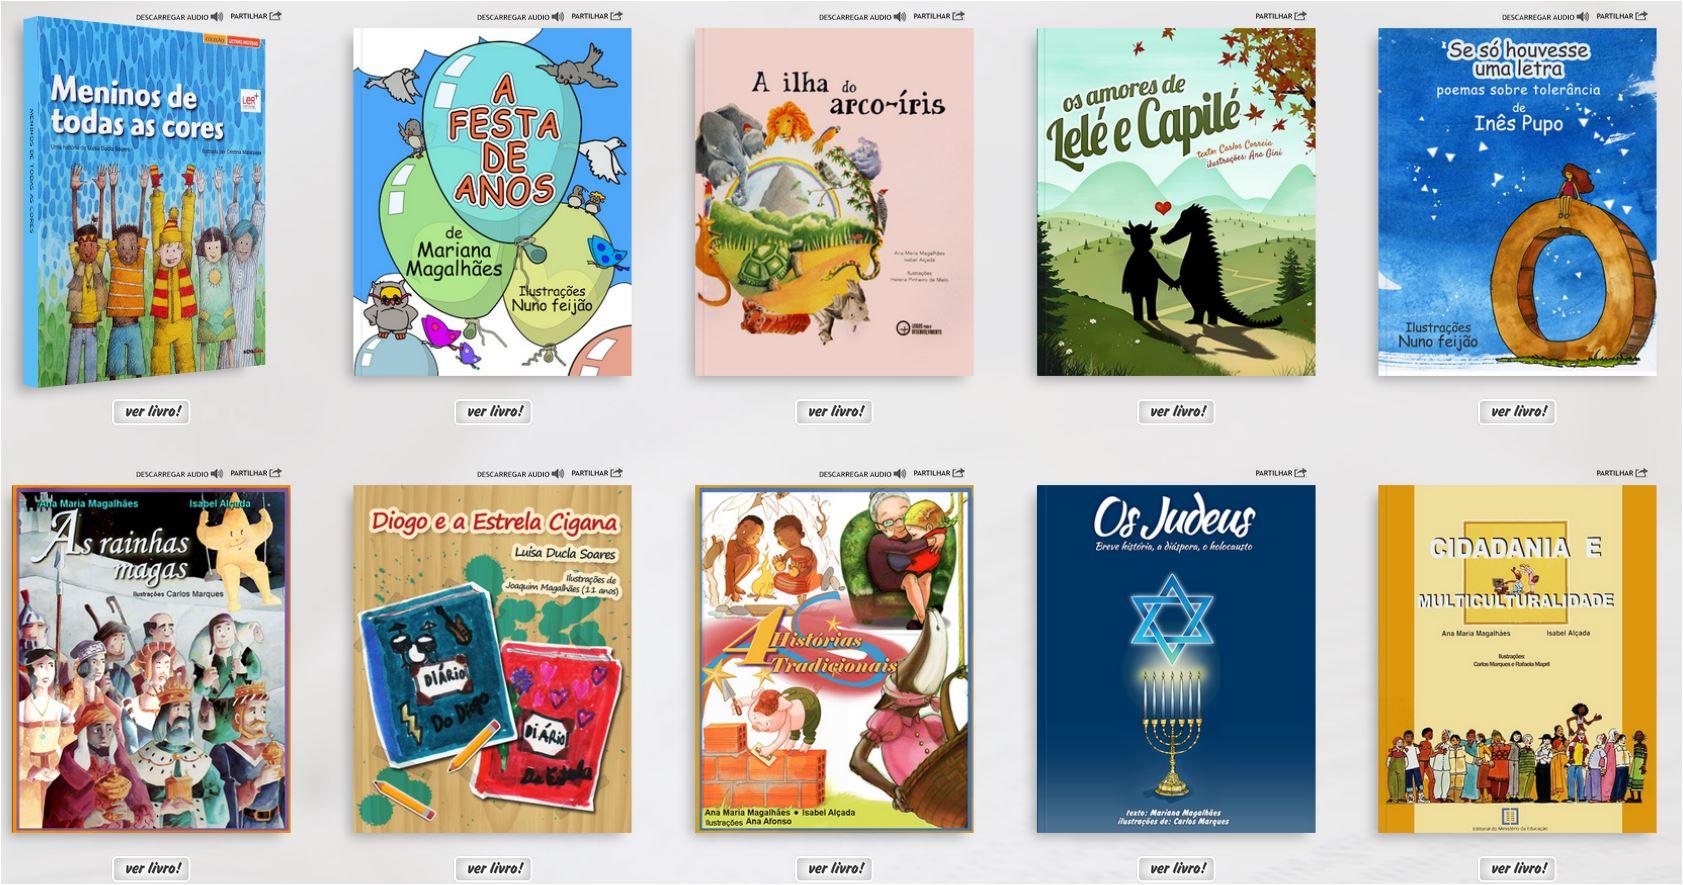 Biblioteca de Livros Digitais: o projeto